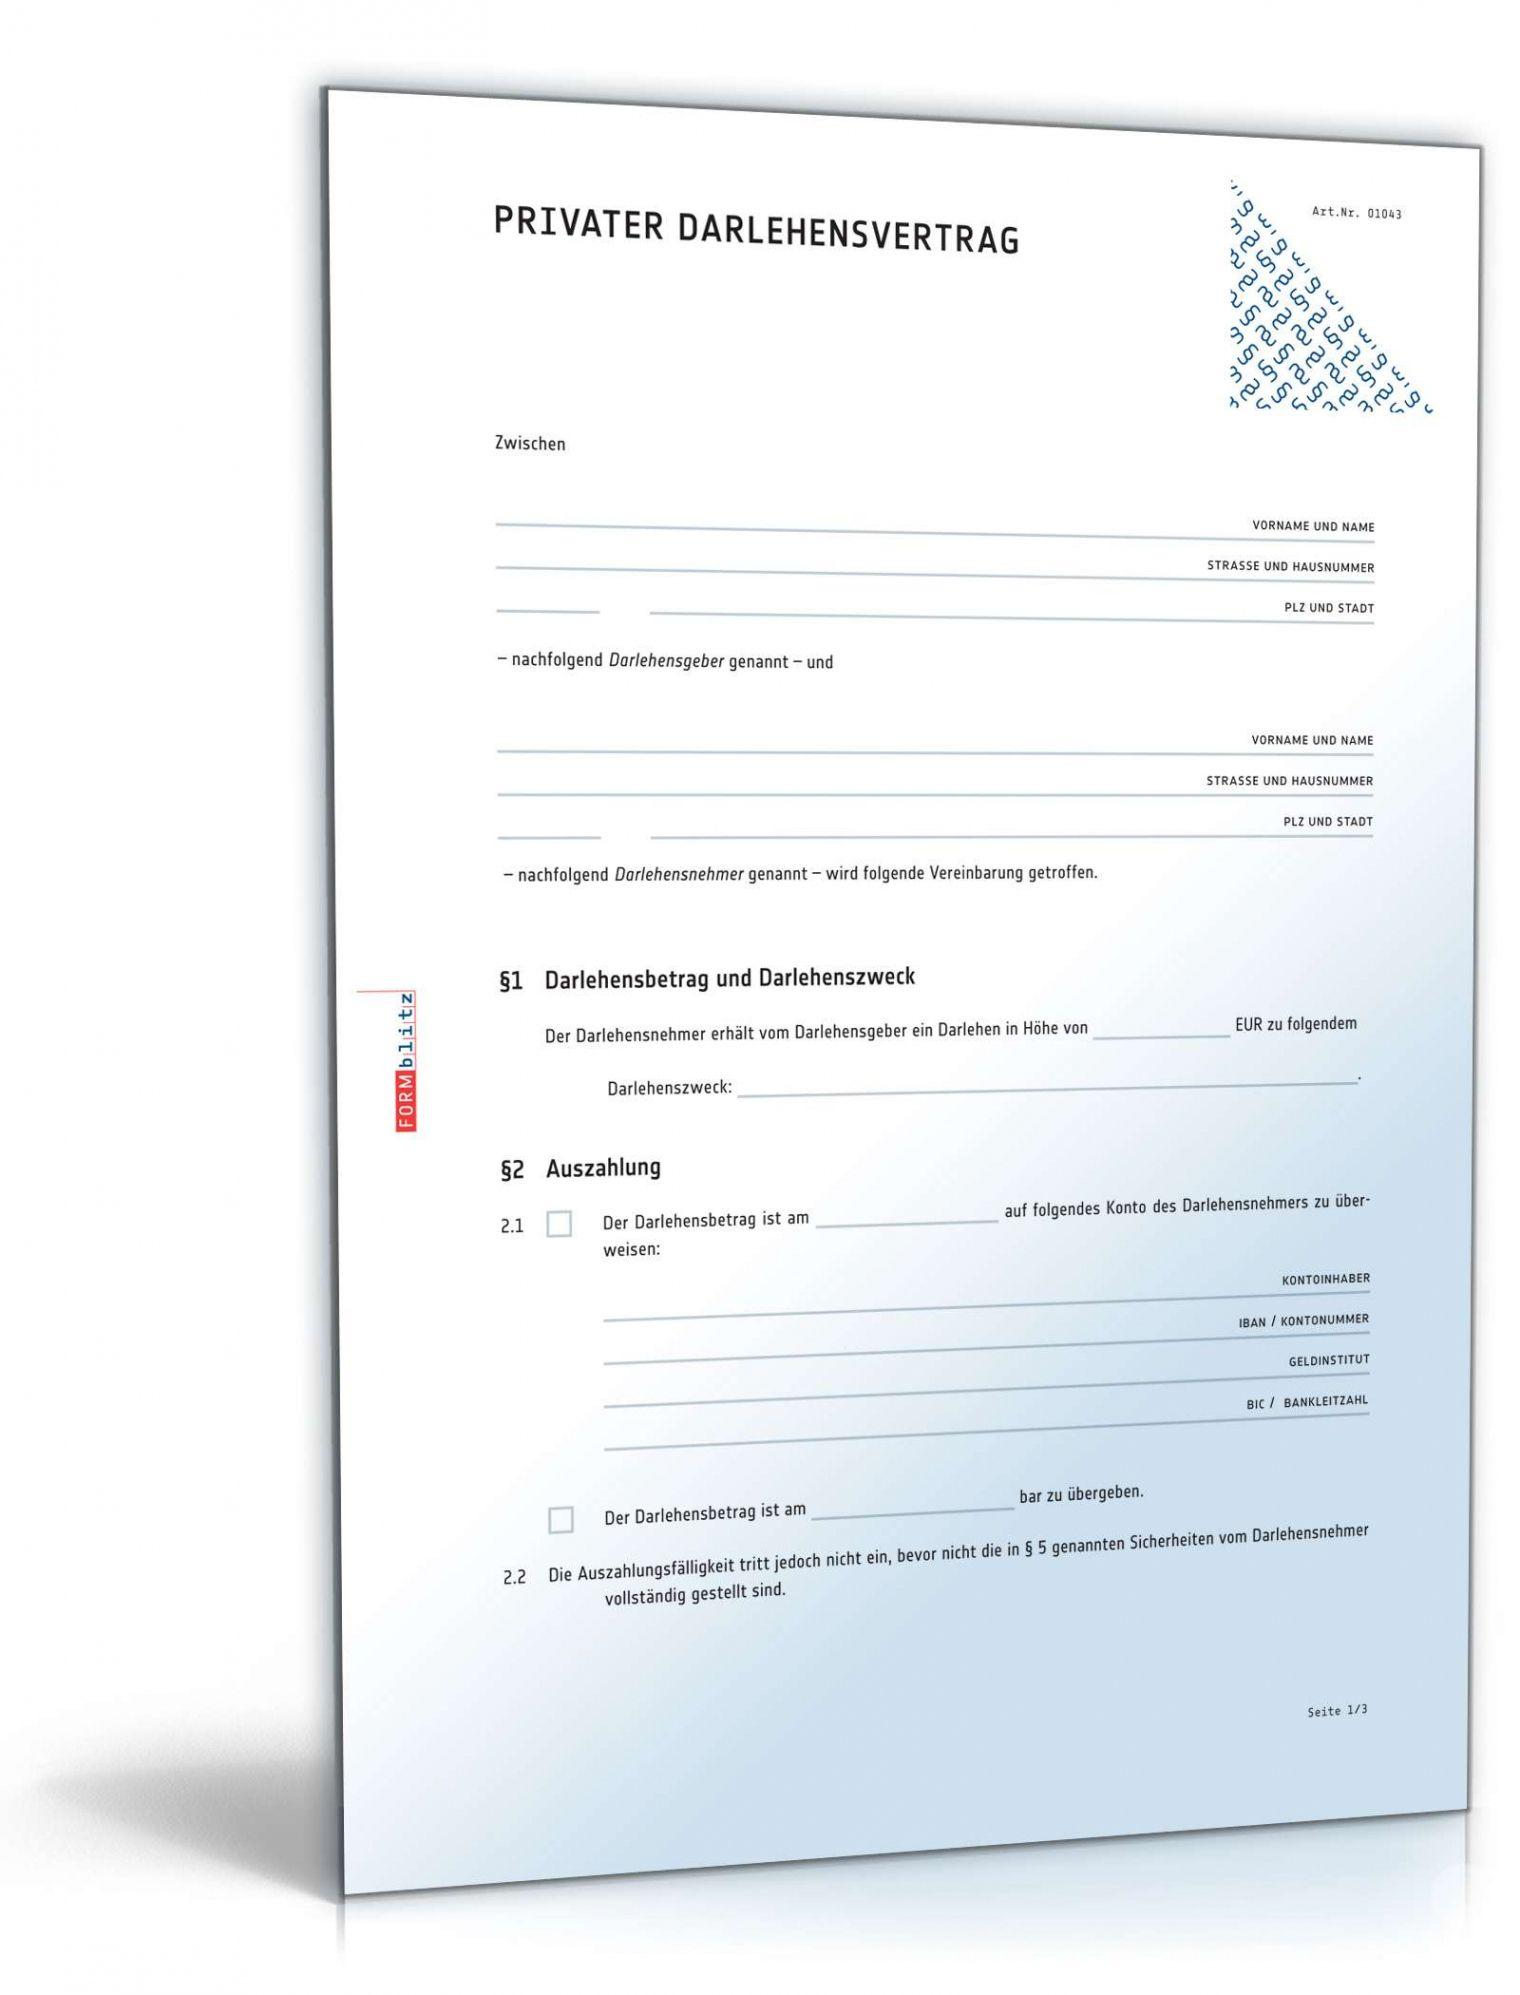 Durchsuche Unsere Kostenlos Von Kostgeld Vereinbarung Vorlage In 2020 Vorlagen Word Vorlagen Lebenslauf Vorlagen Word